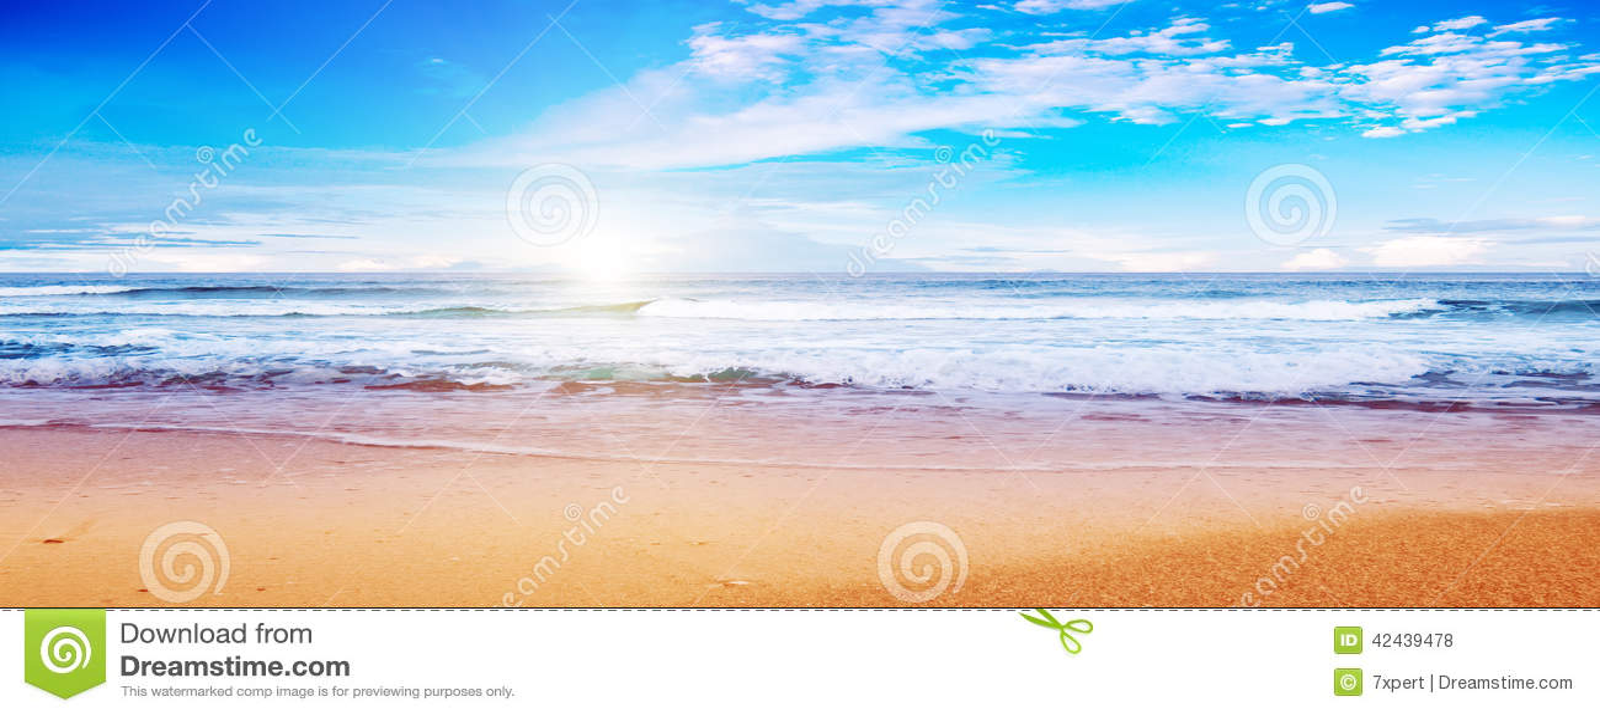 Playa y océano